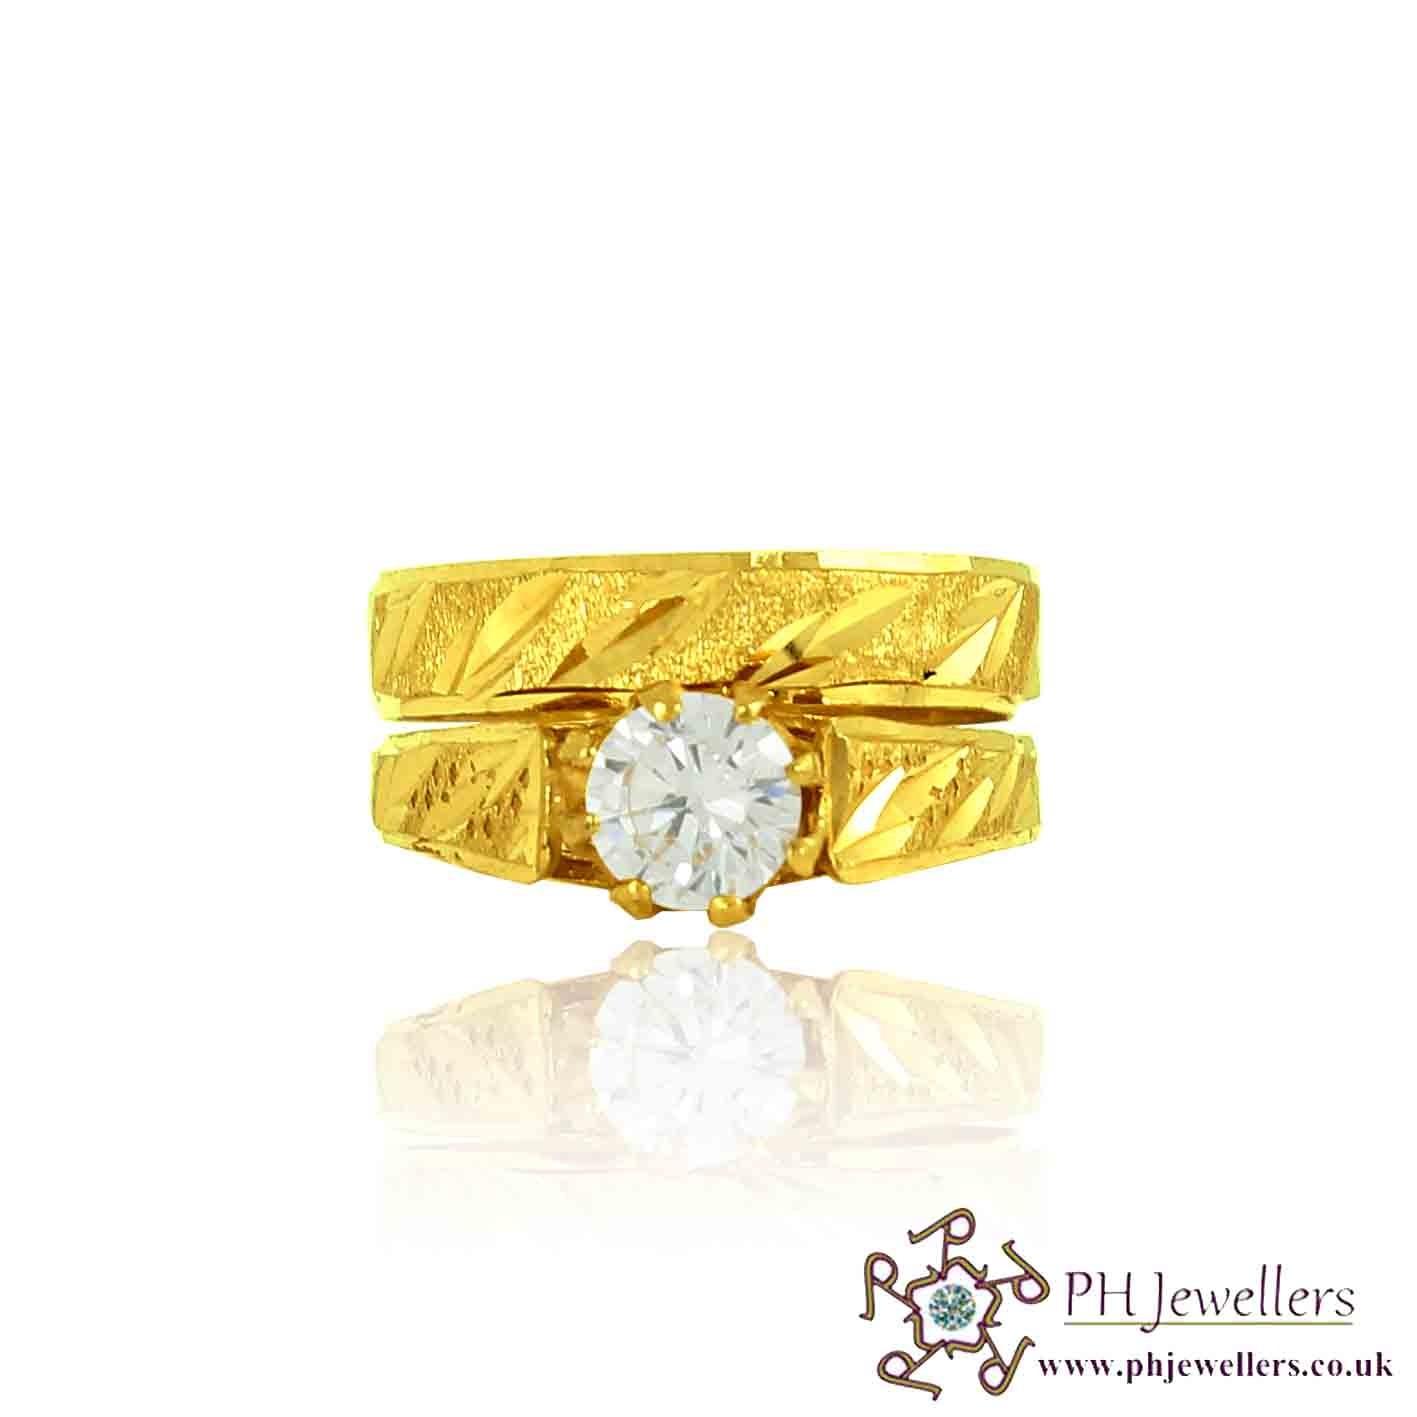 22ct 916 Hallmark Yellow Gold Round Size N Ring CZ WBSR7